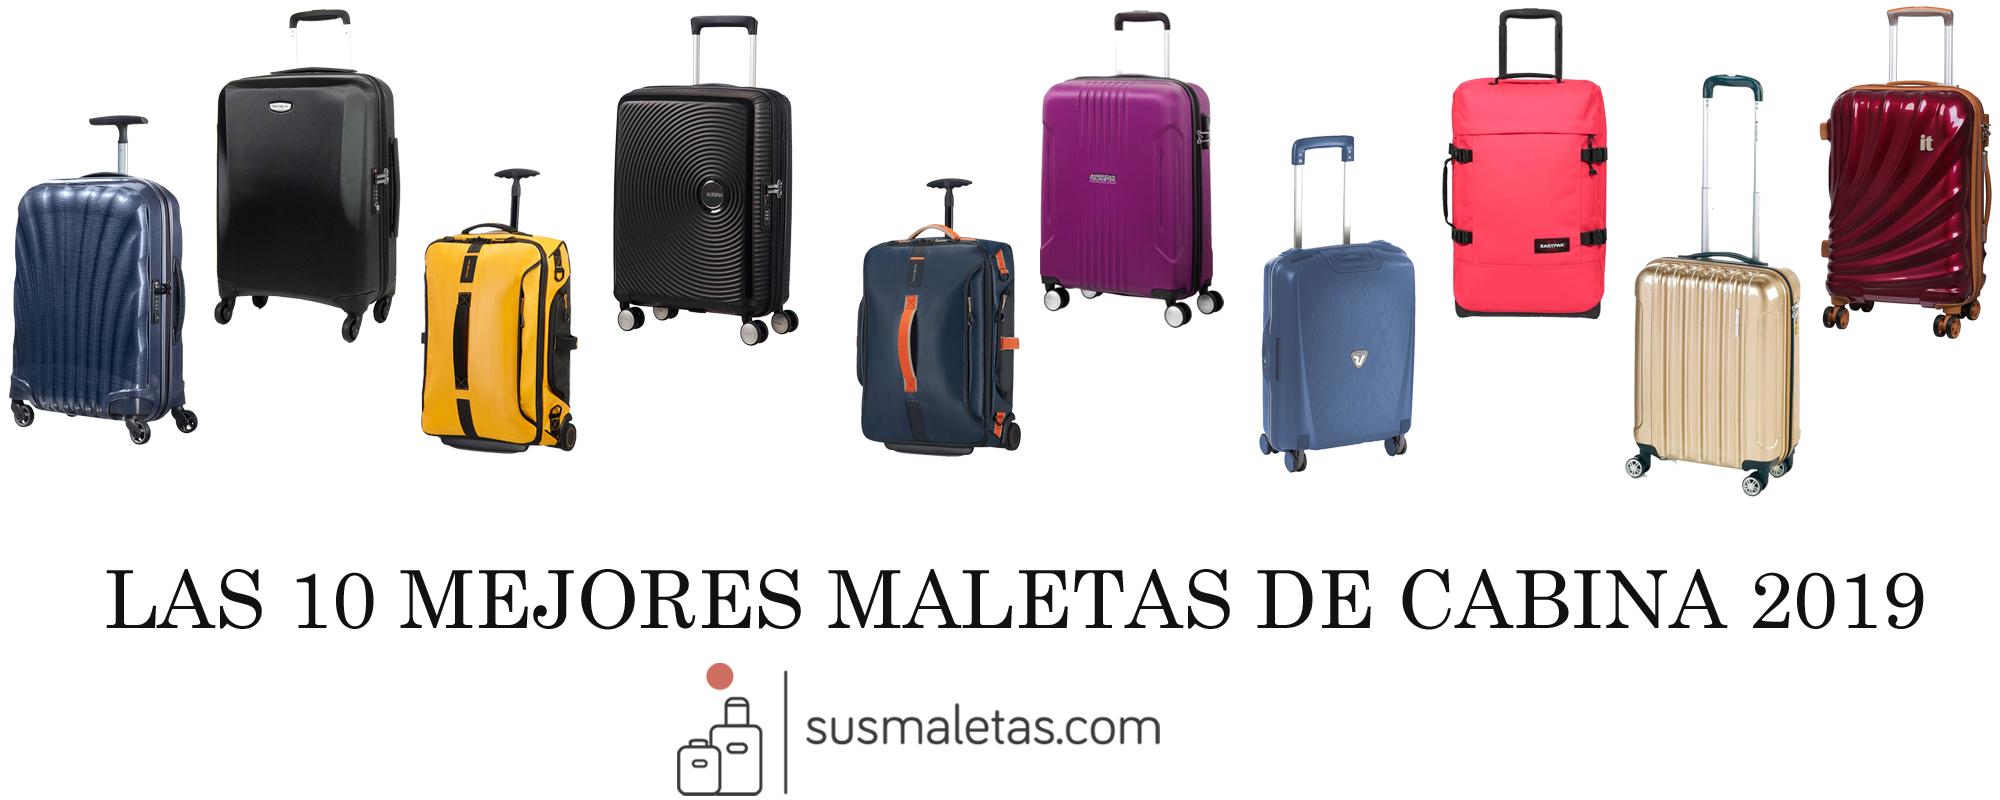 c95b7cc65 Las 10 mejores maletas de cabina 2019 - Sus Maletas